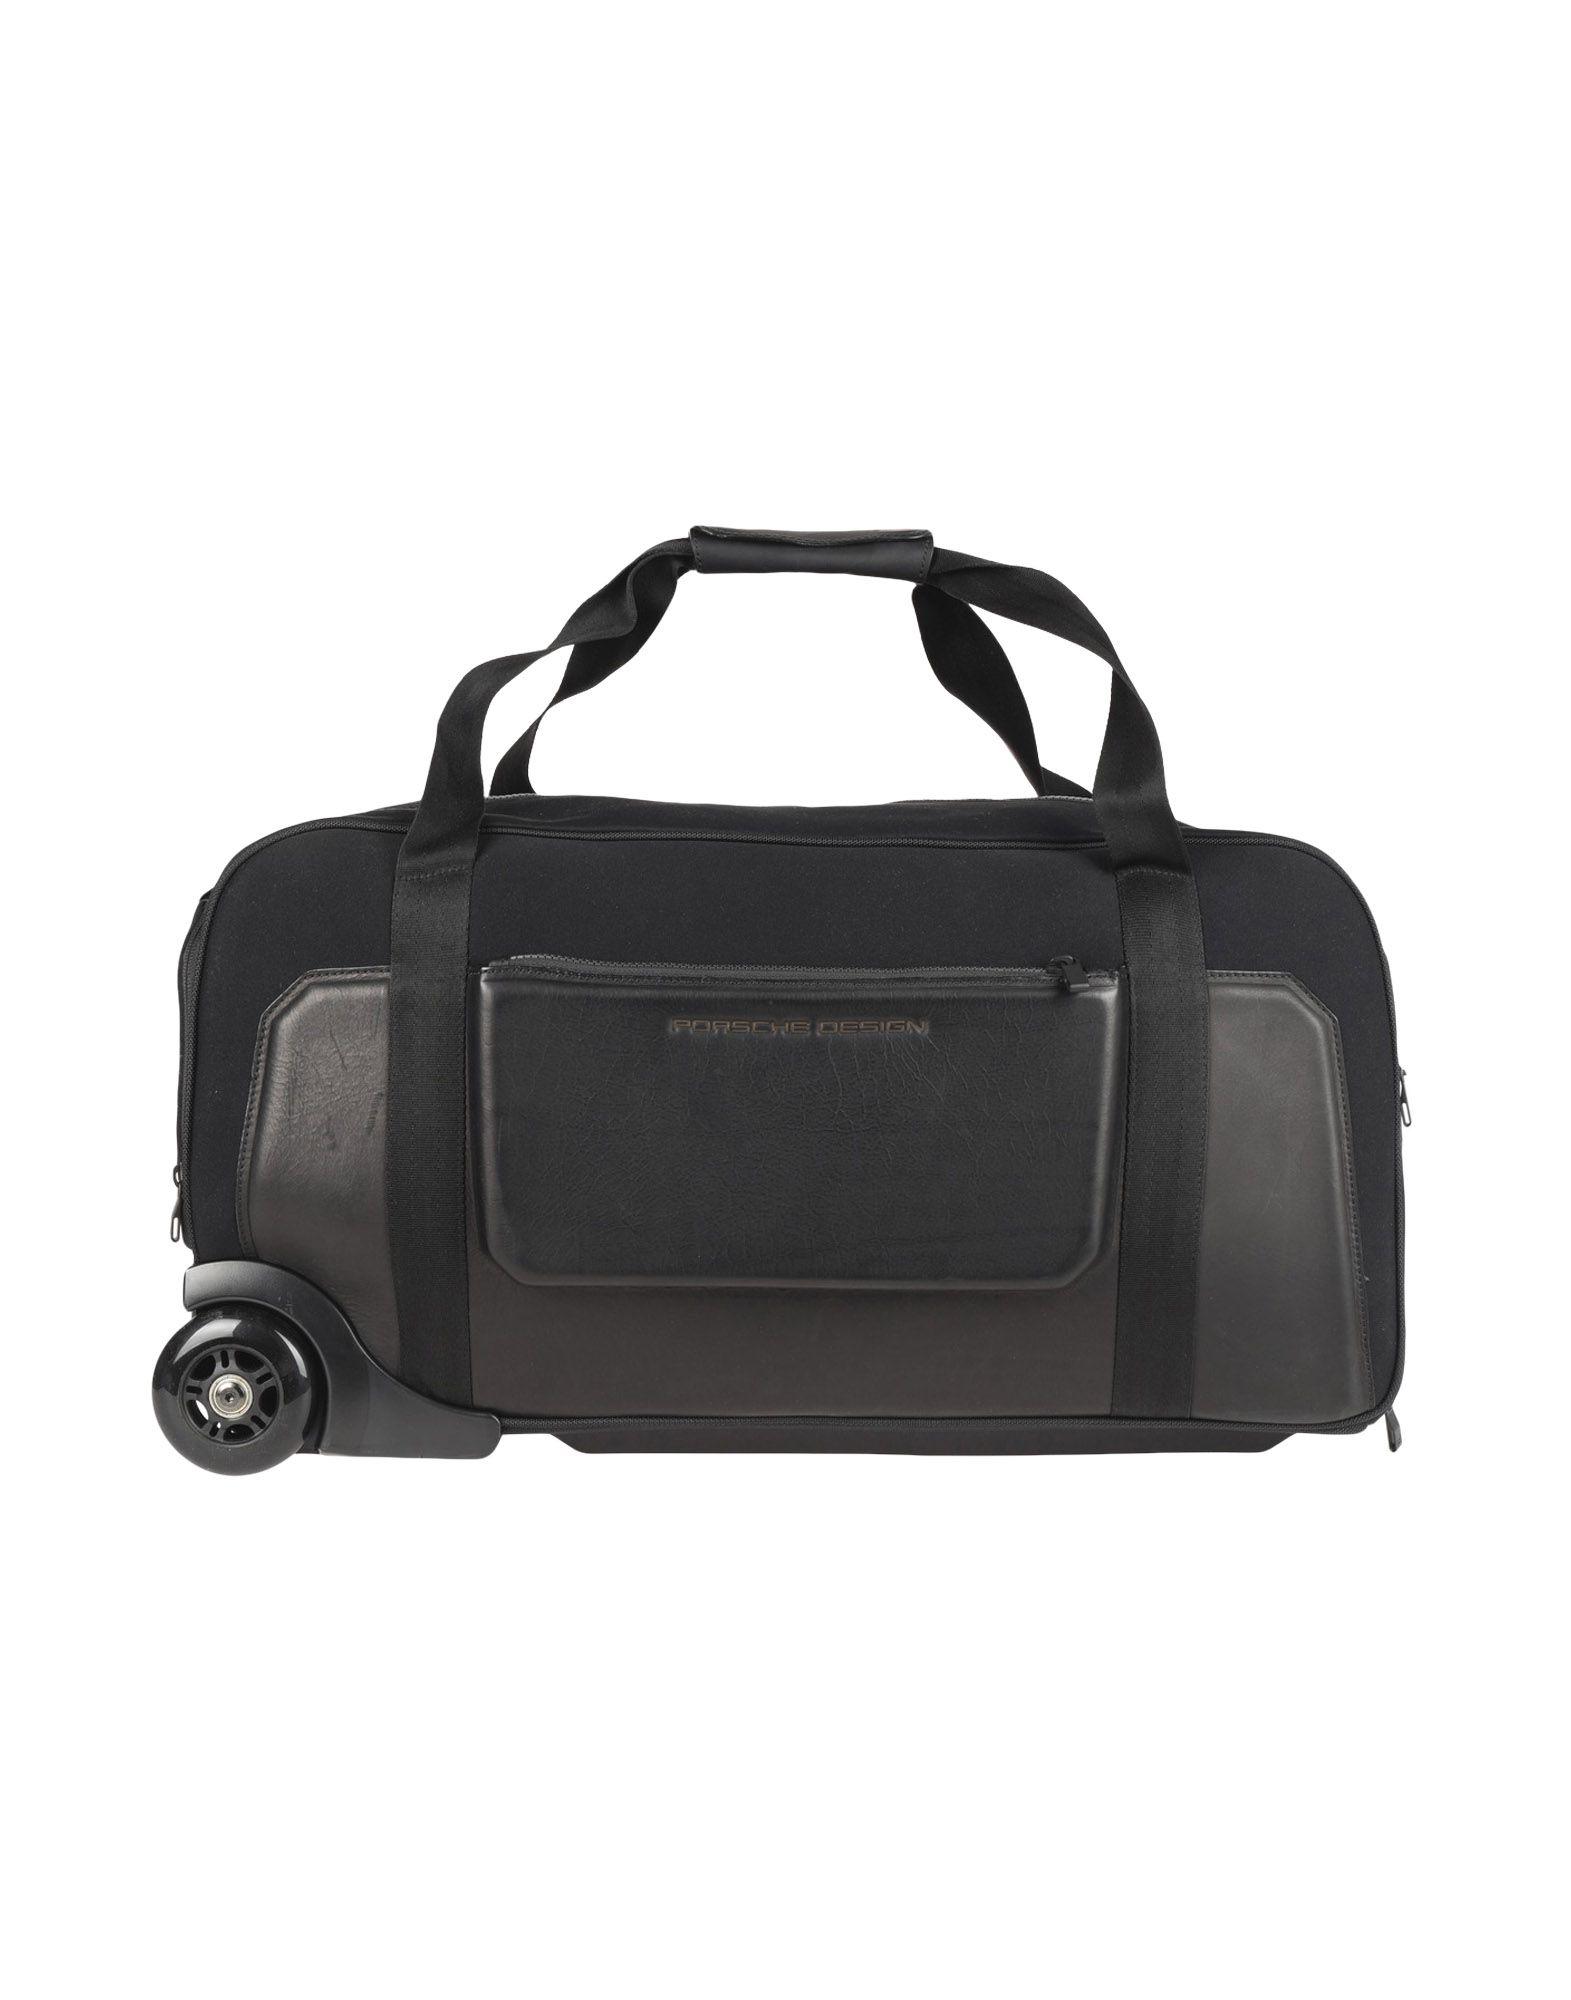 《期間限定セール中》PORSCHE DESIGN SPORT by ADIDAS メンズ スーツケース ブラック 紡績繊維 / 革